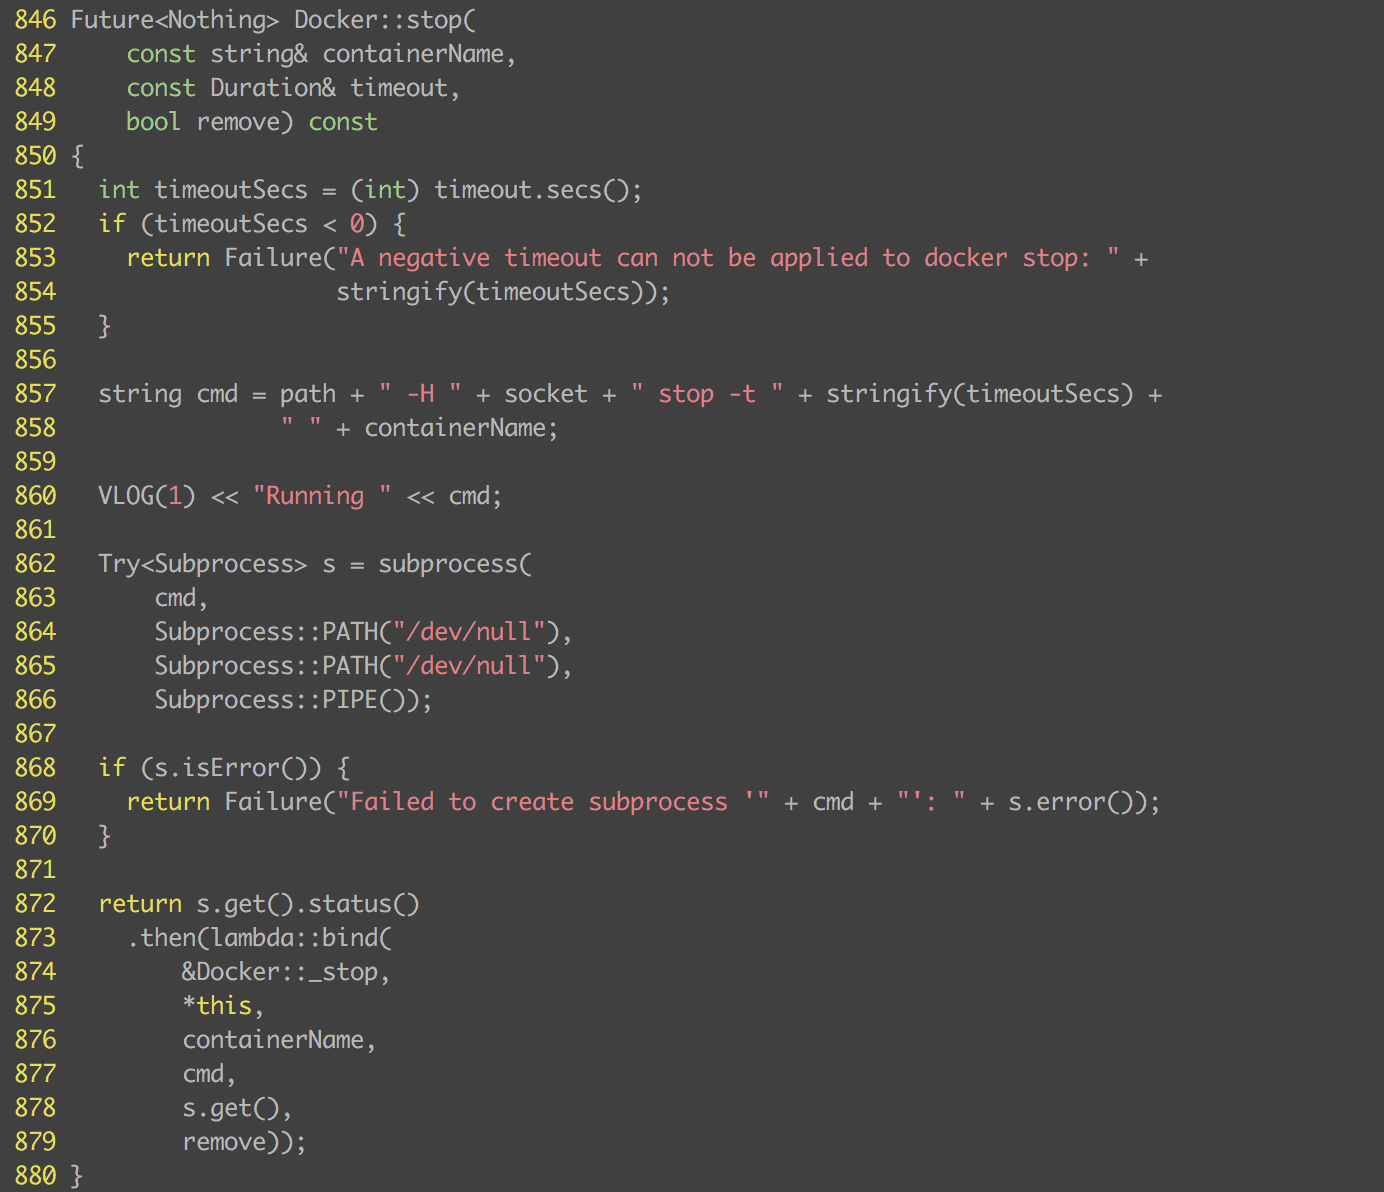 docker-stop-code